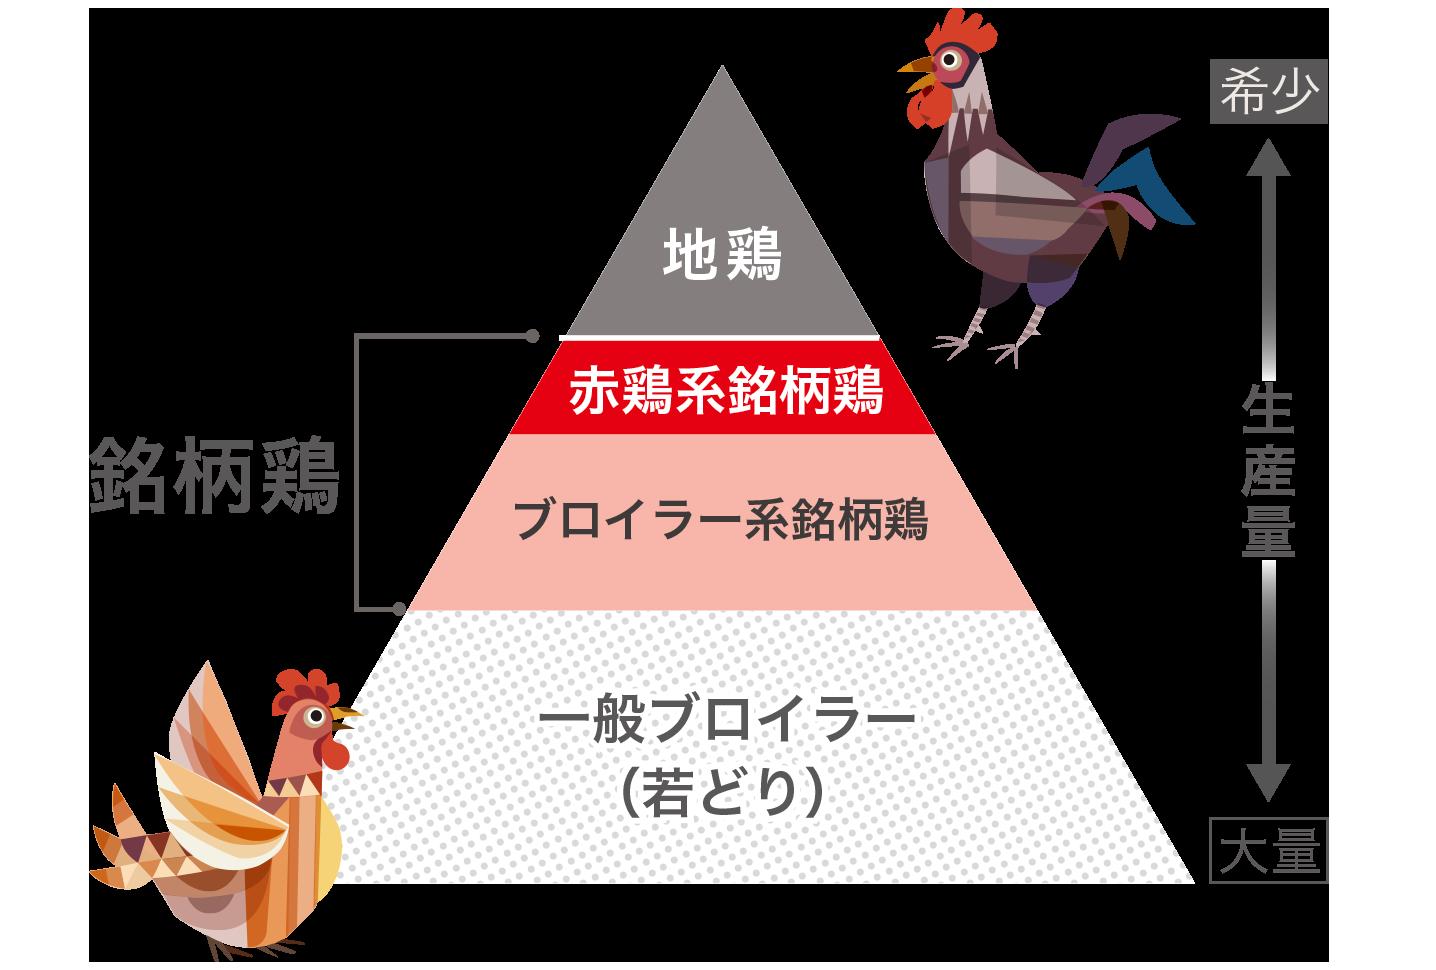 希少な銘柄鶏の階層図